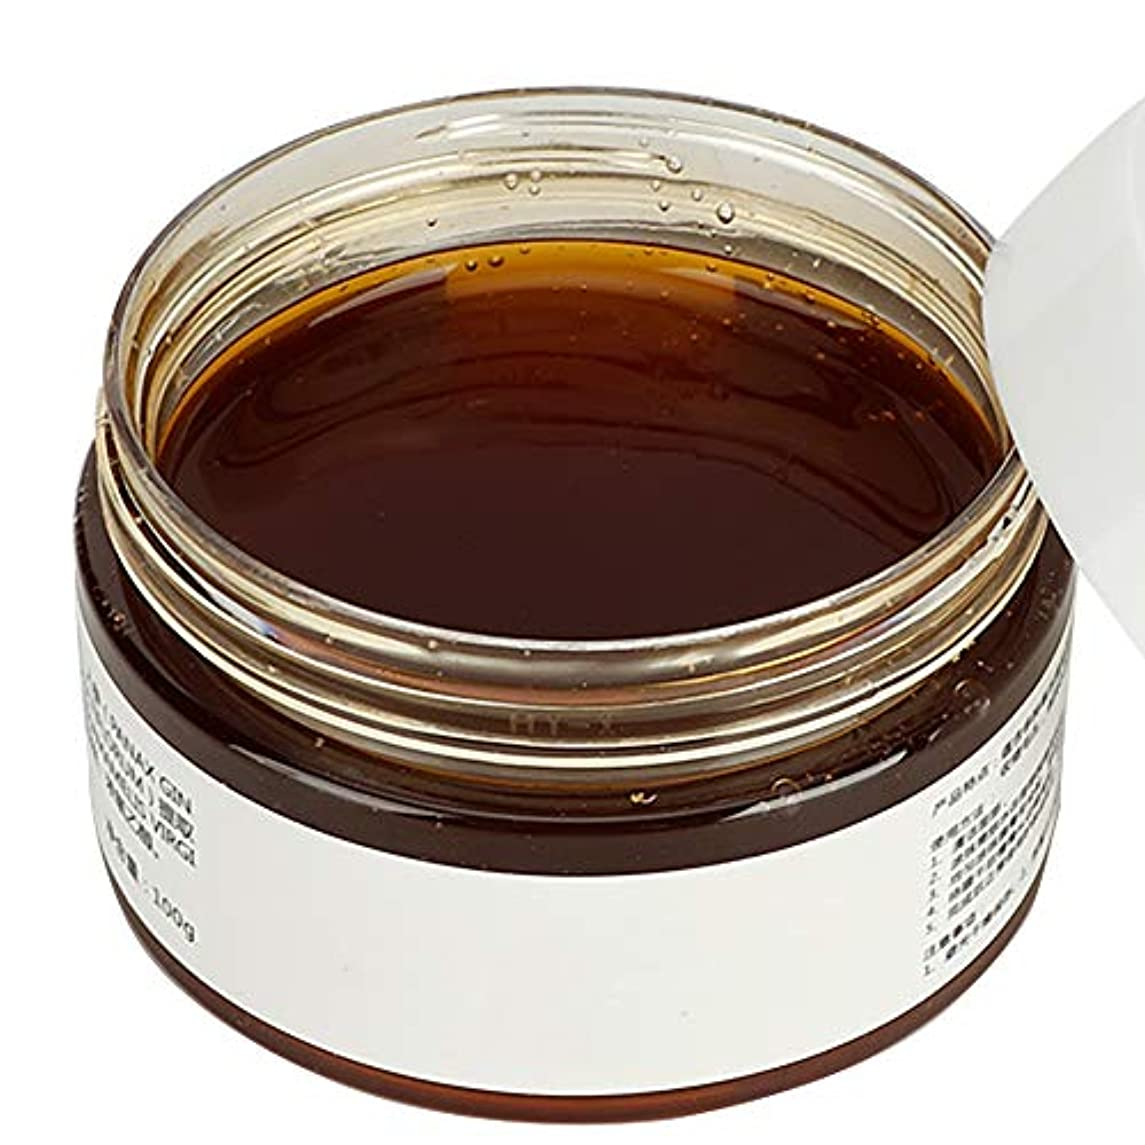 またイソギンチャク鉛筆スキンケア用マスク、角質除去マスク、毛穴、ニキビ、角質、ニキビ、水分補給、ミネラルオーガニック製品